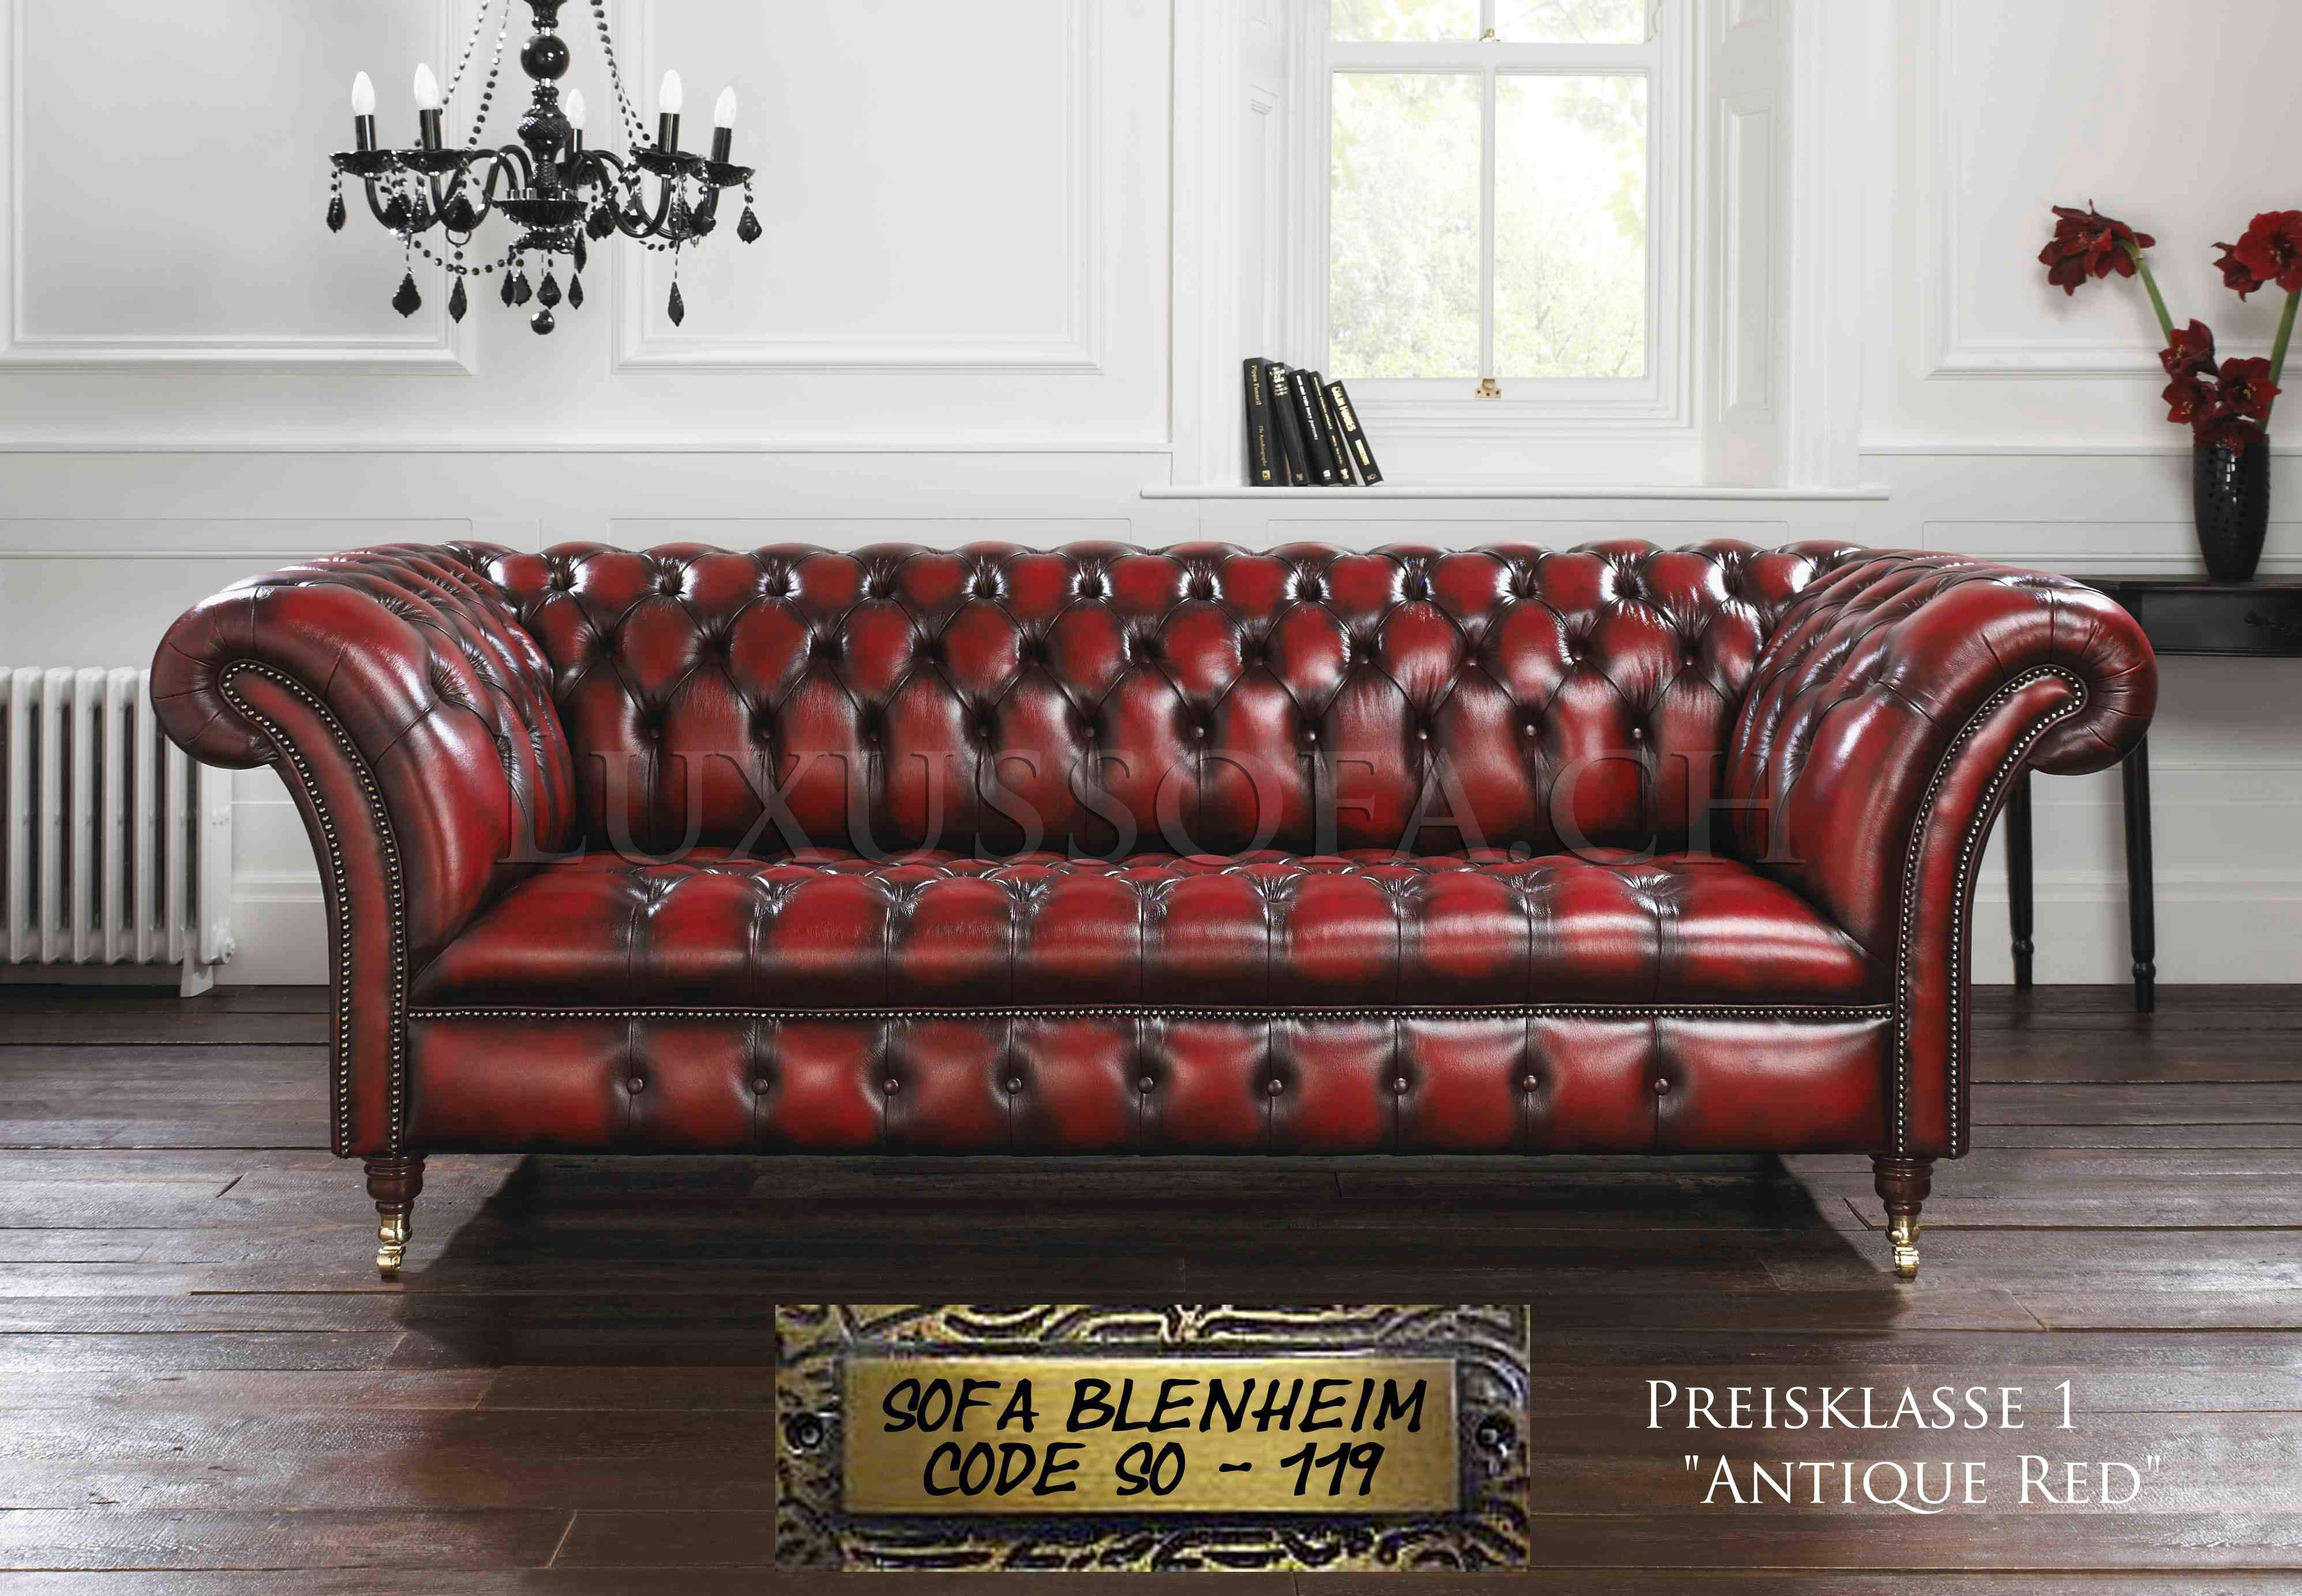 Chesterfield-Sofa.ch-Sofas,Sessel,Stühle,Polstermöbel laden zum ...